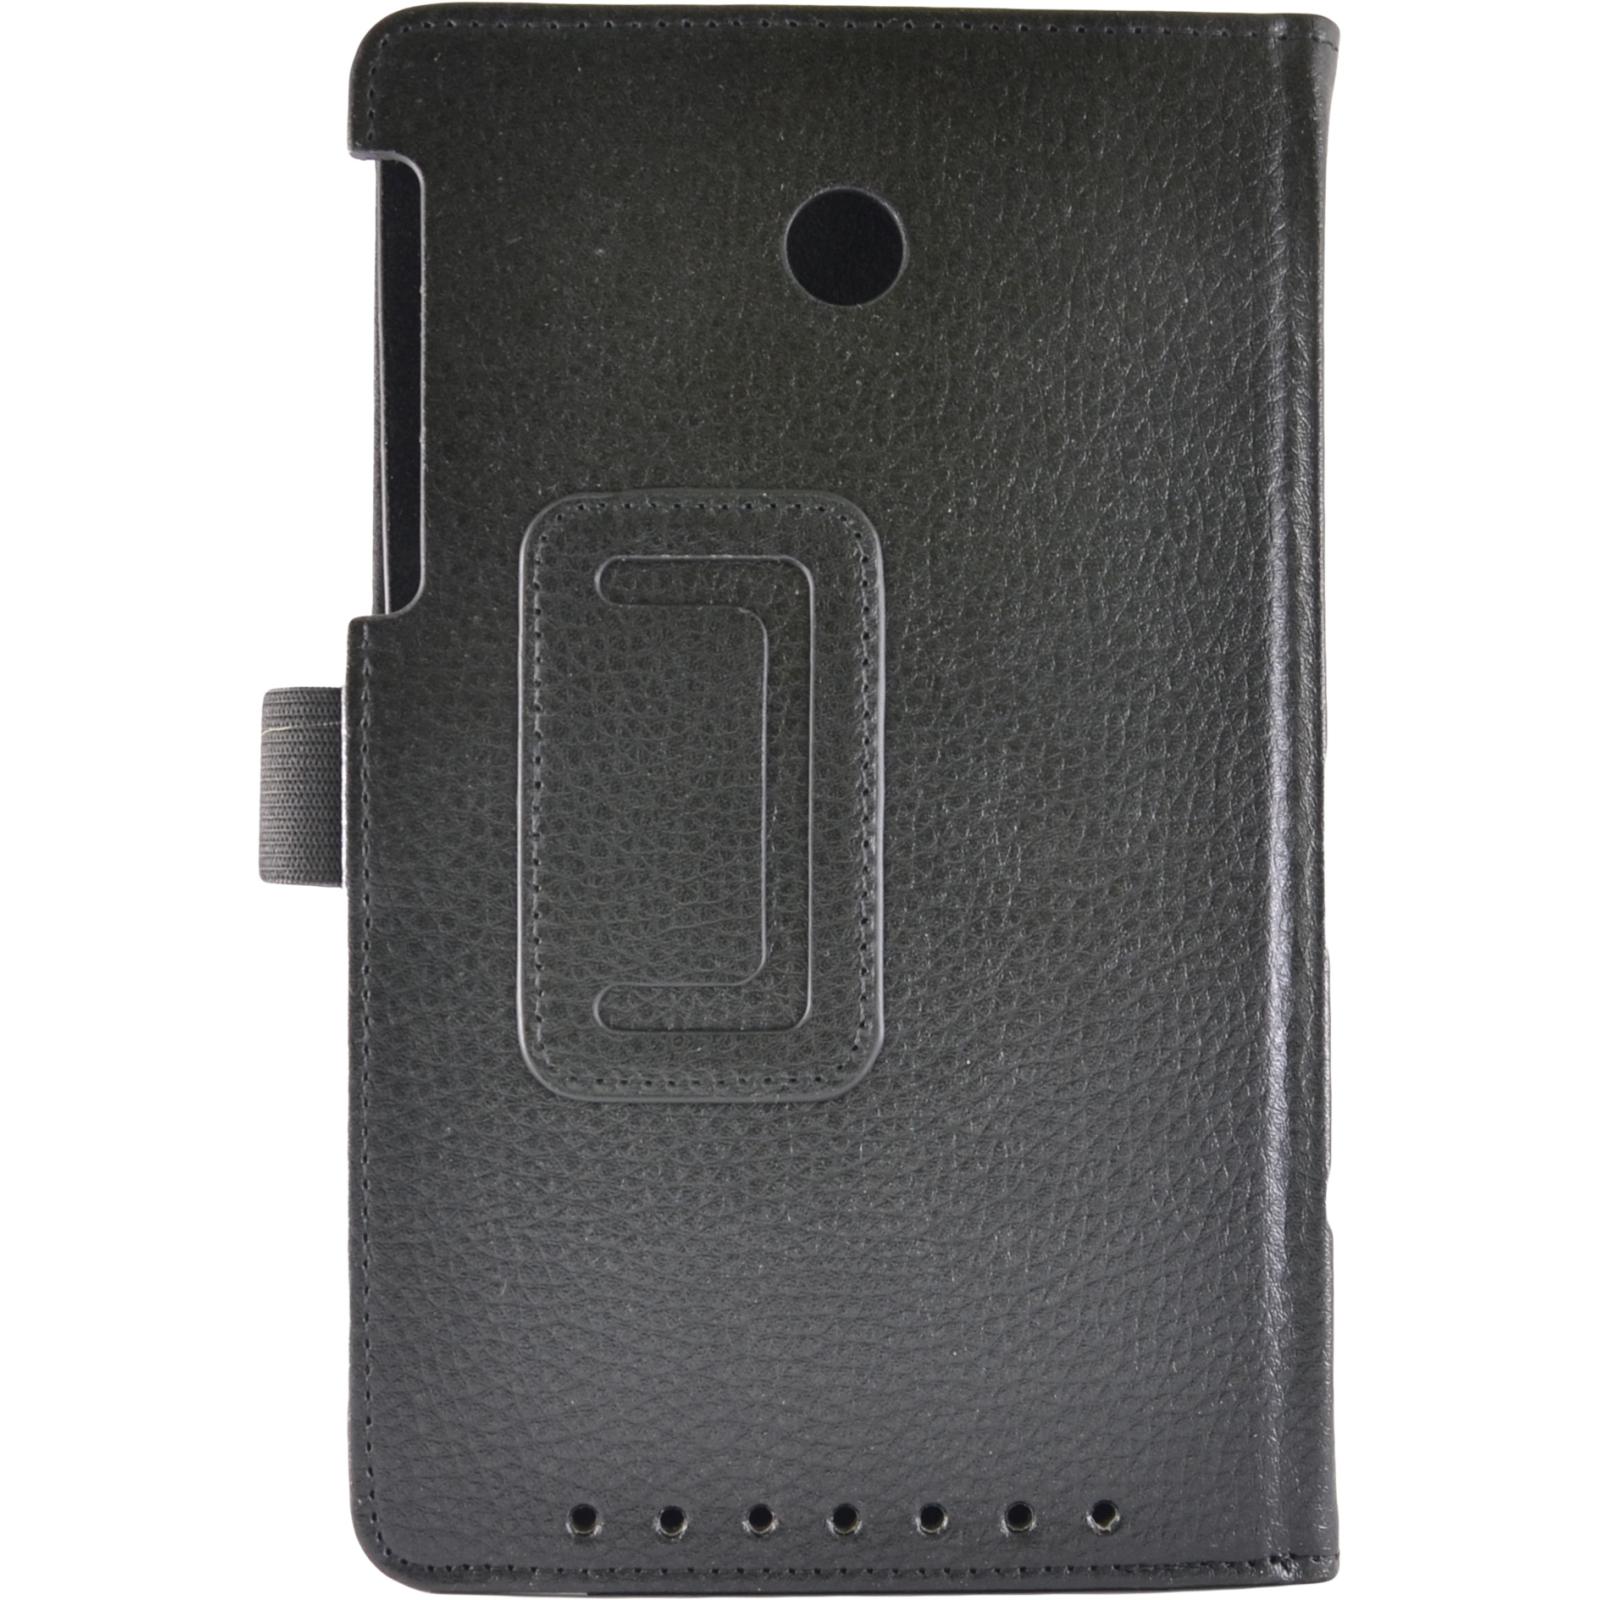 Чехол для планшета Pro-case Asus Memo Pad ME175 (ME175) изображение 2